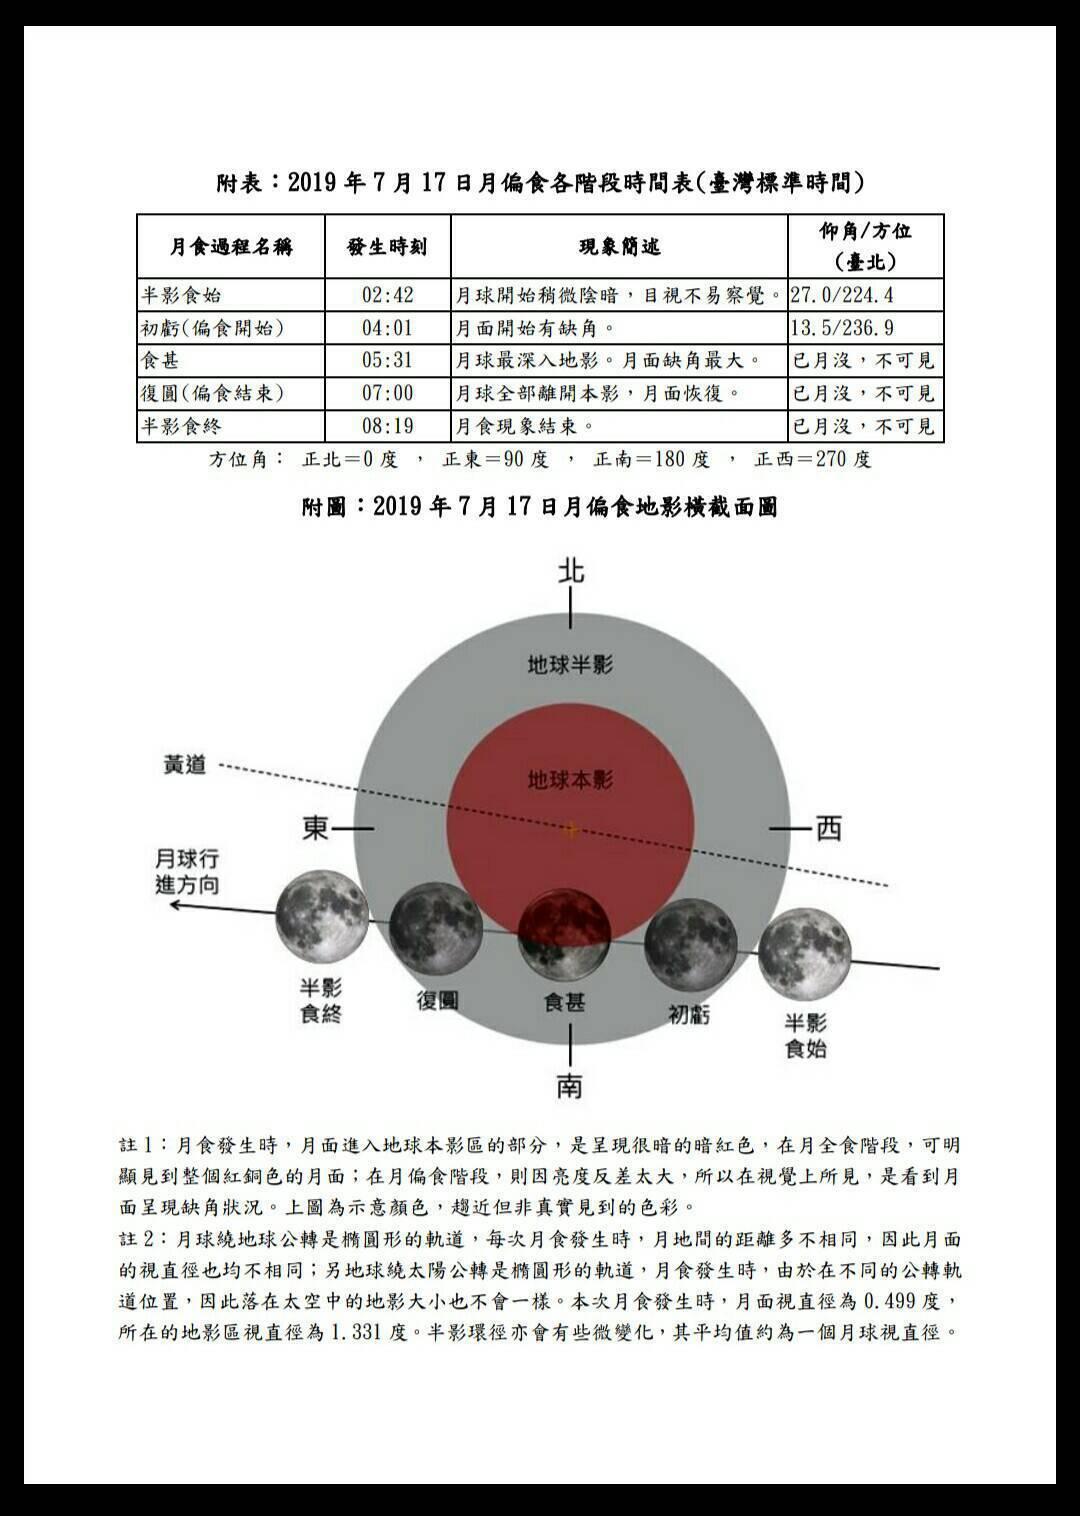 中央氣象局表示,7月17日為農曆15日滿月,該日凌晨至清晨將發生月偏食,在天候許...